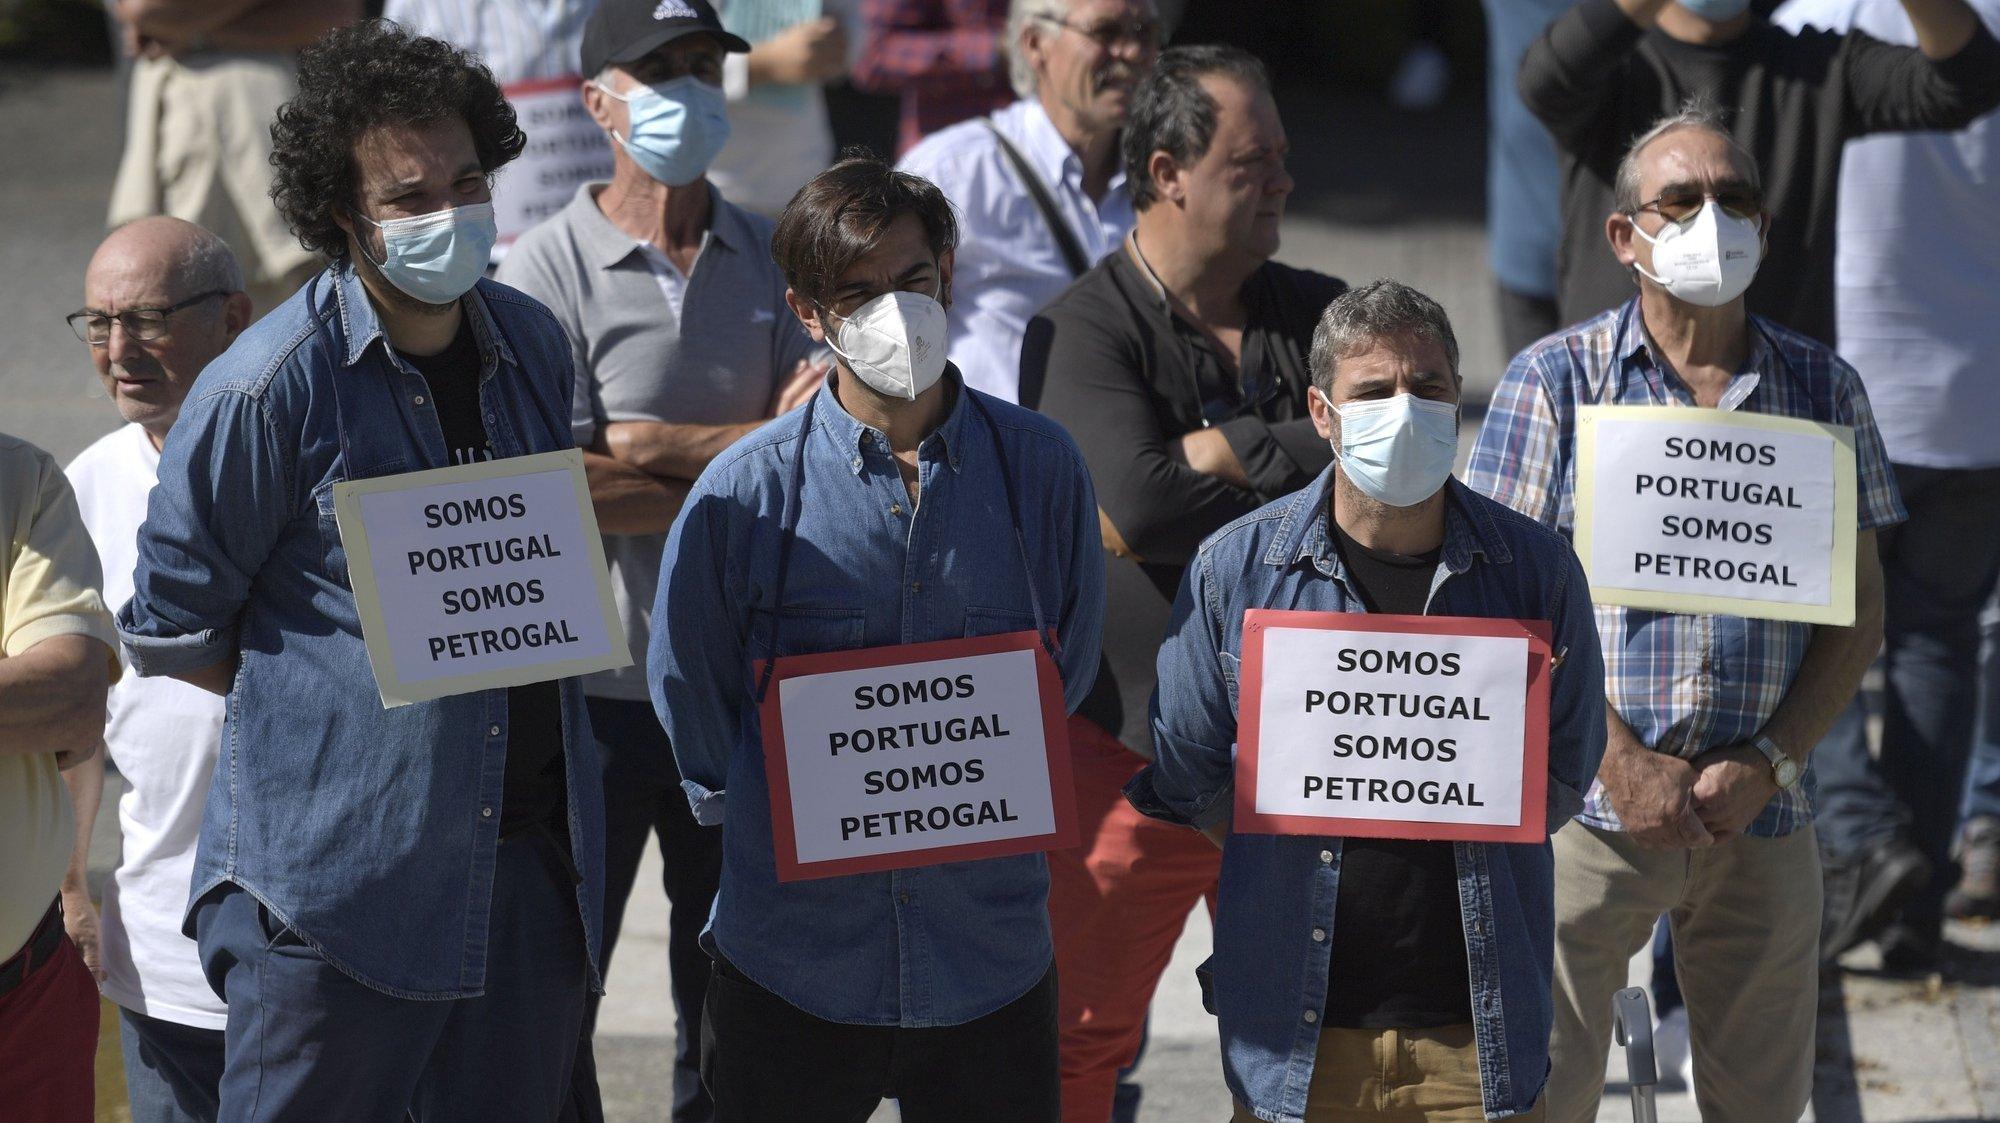 Trabalhadores e ex-trabalhadores da Refinaria da Petrogal de Matosinhos, concentraram-se frente à Câmara Municipal de Matosinhos, em protesto contra o encerramento das instalações fabris no concelho, numa iniciativa da CGTP-IN. Matosinhos, 24 de setembro de 2021. FERNANDO VELUDO/LUSA